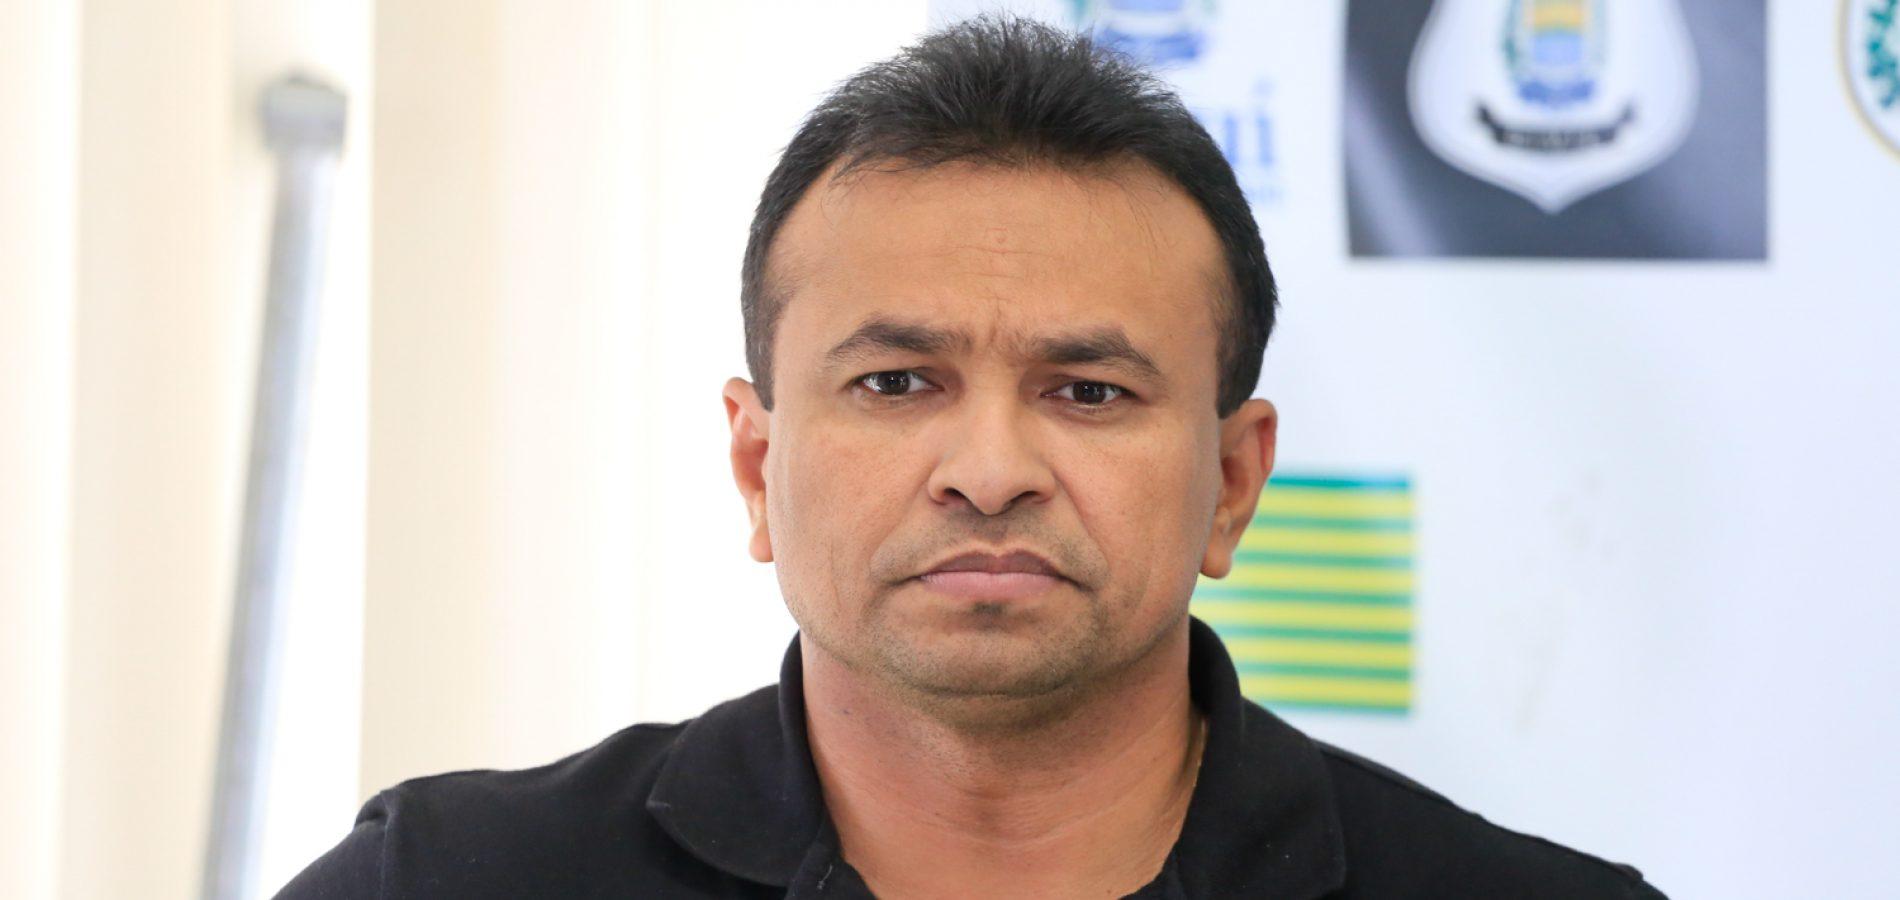 Fábio Abreu confirma investigações sobre atuação de milícias e facções no Piauí